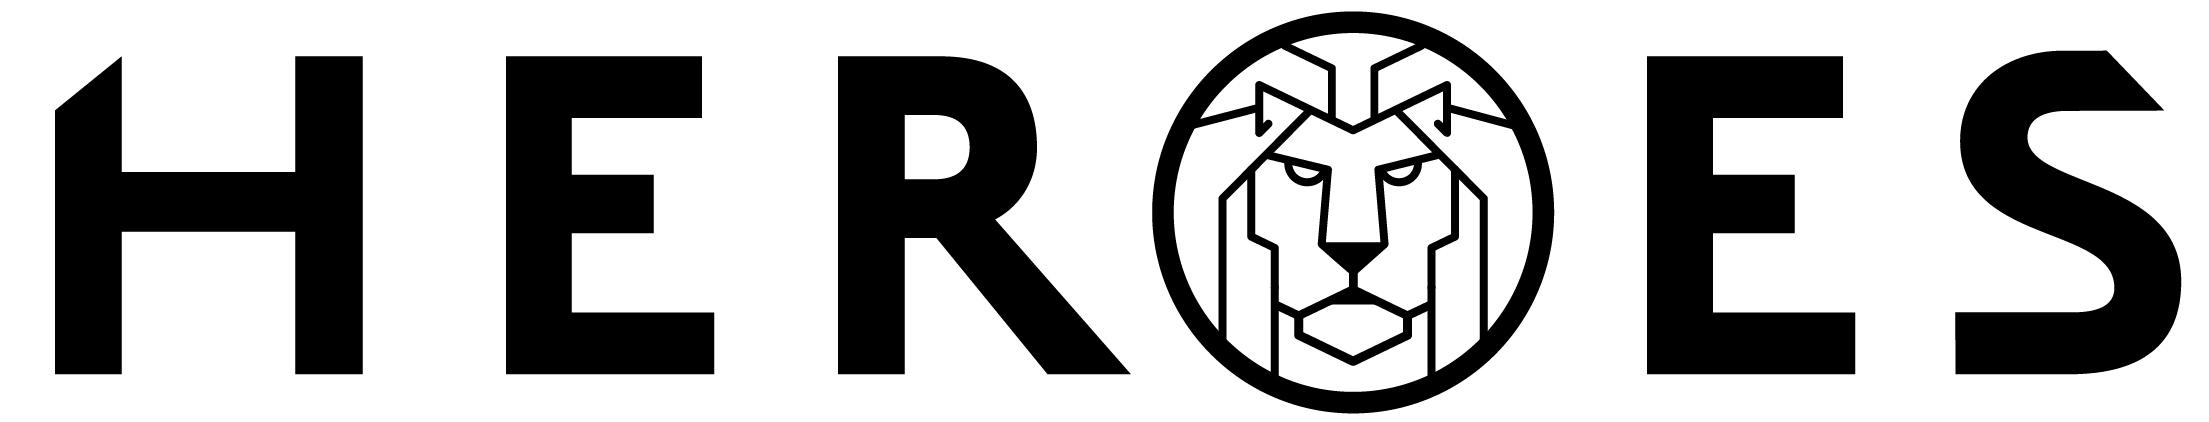 HEROES logo - horizontaal.jpg